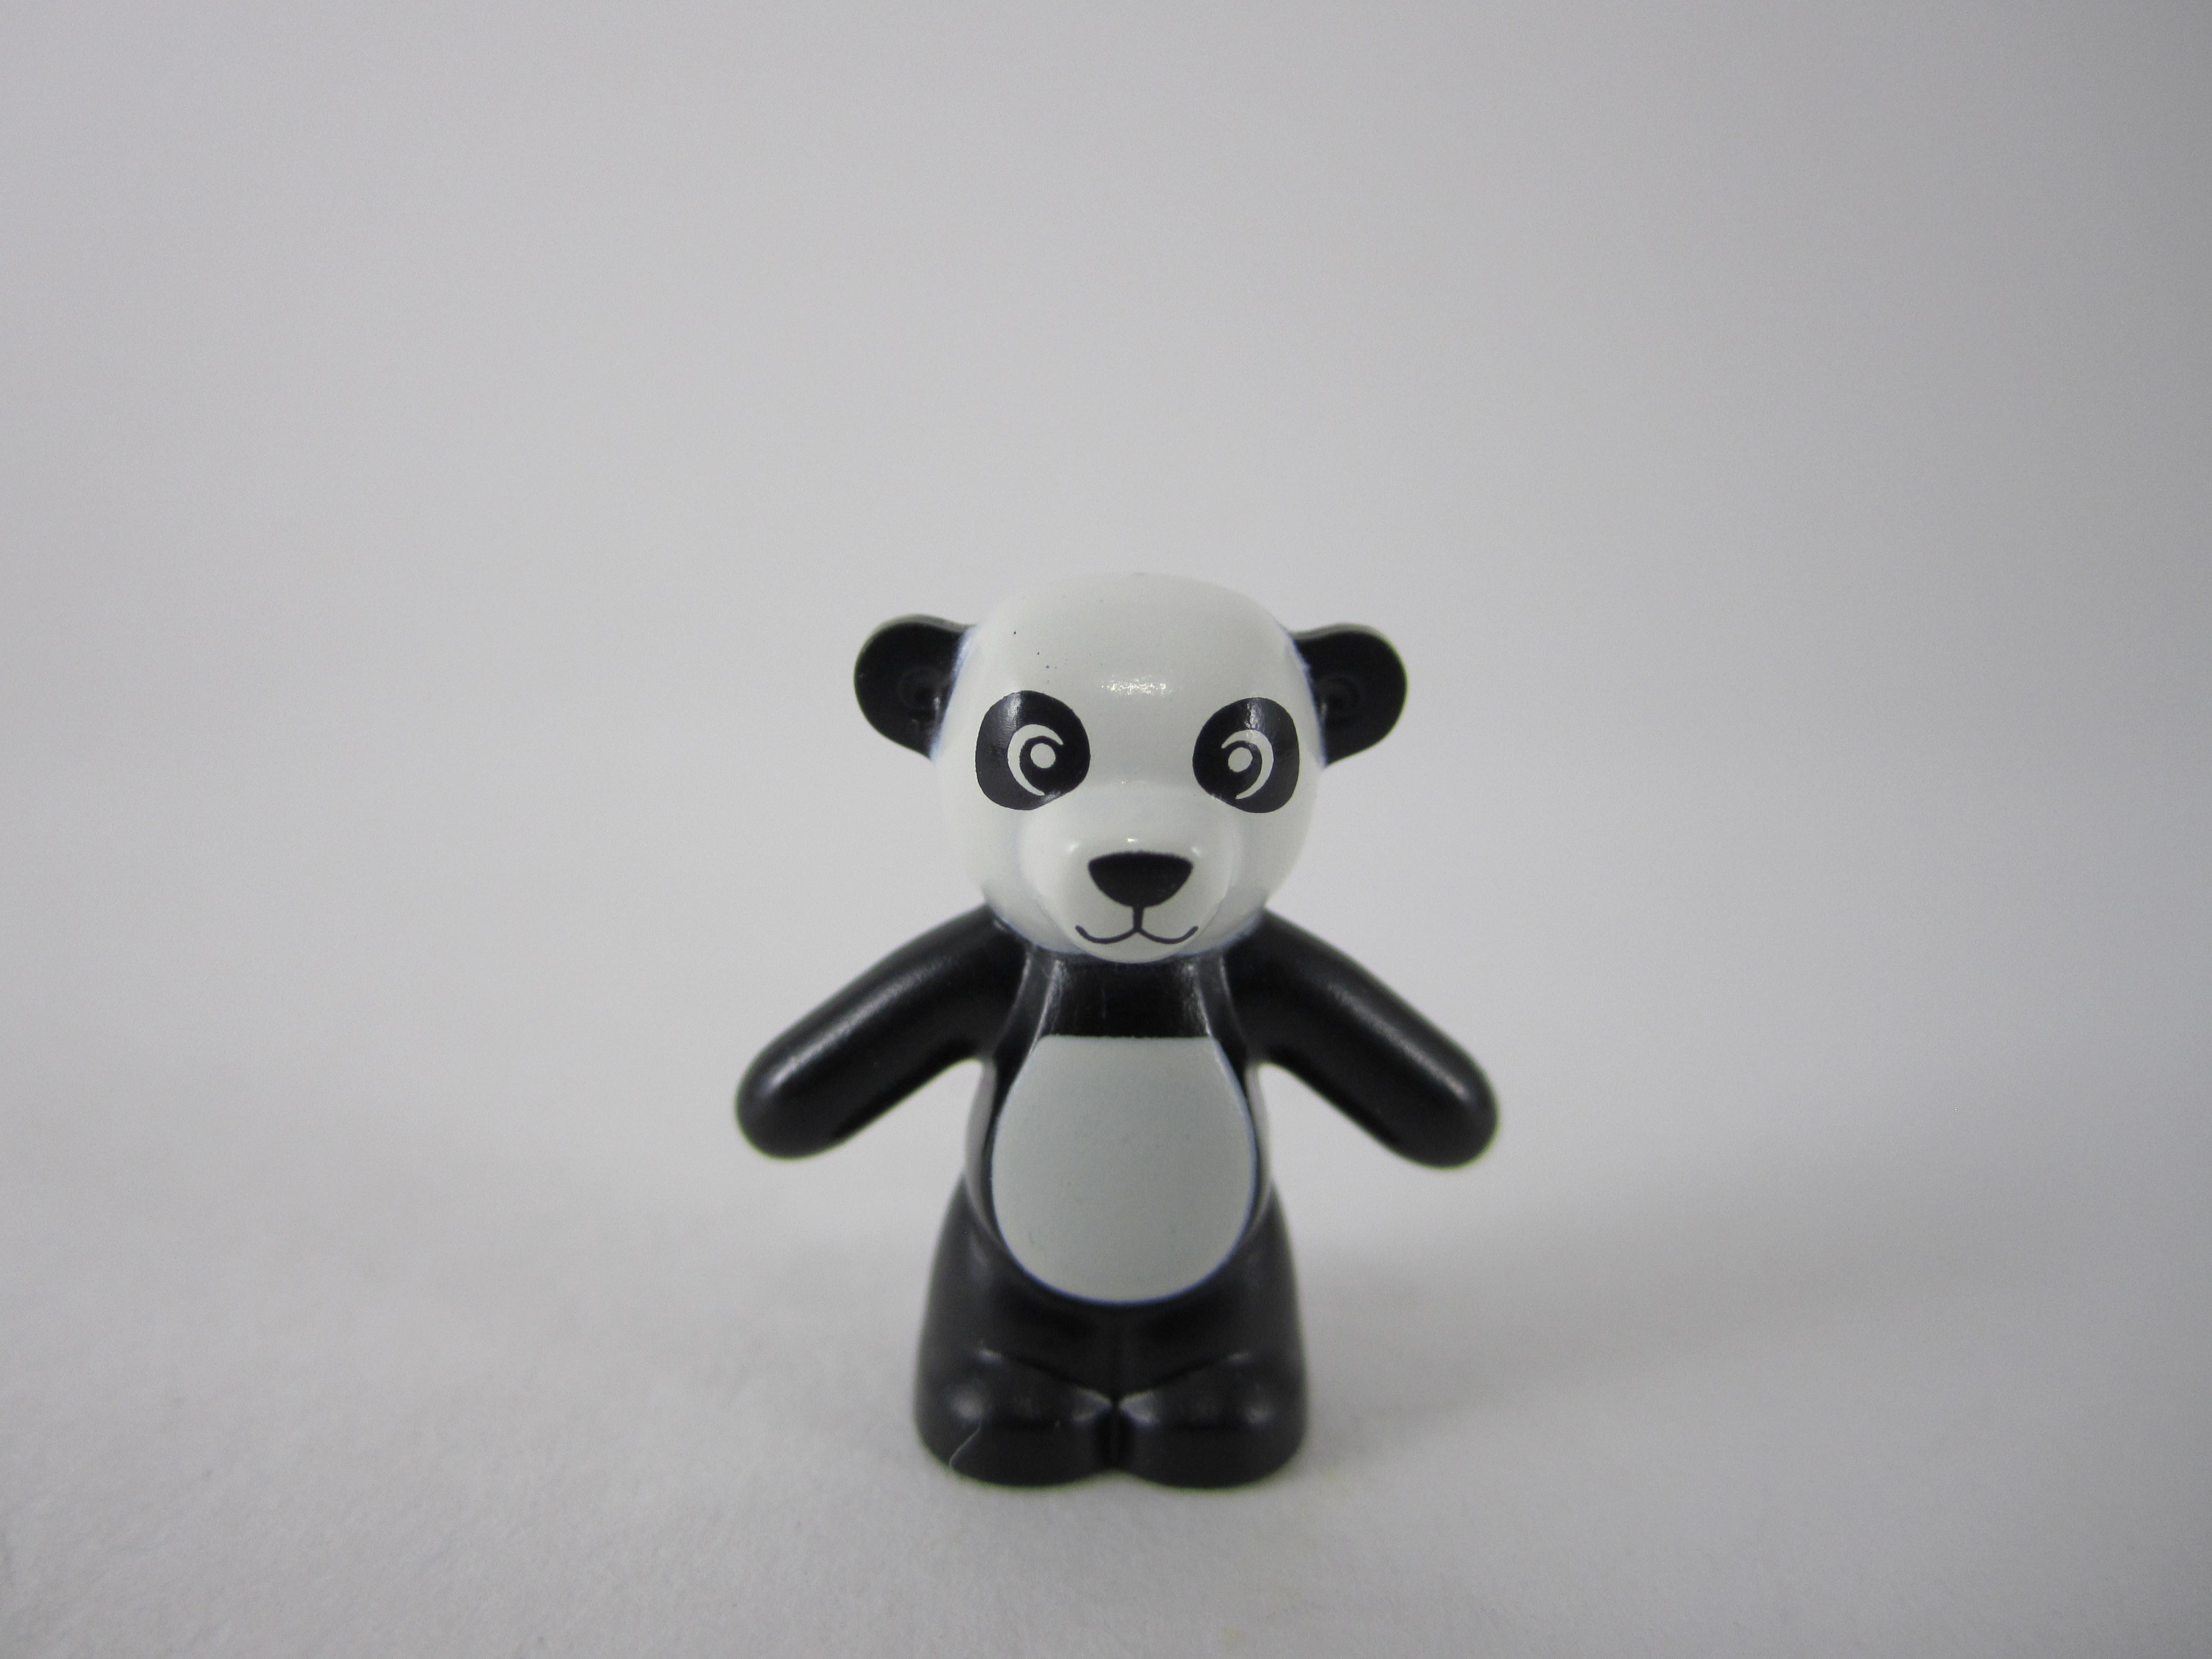 Lego Panda Doll